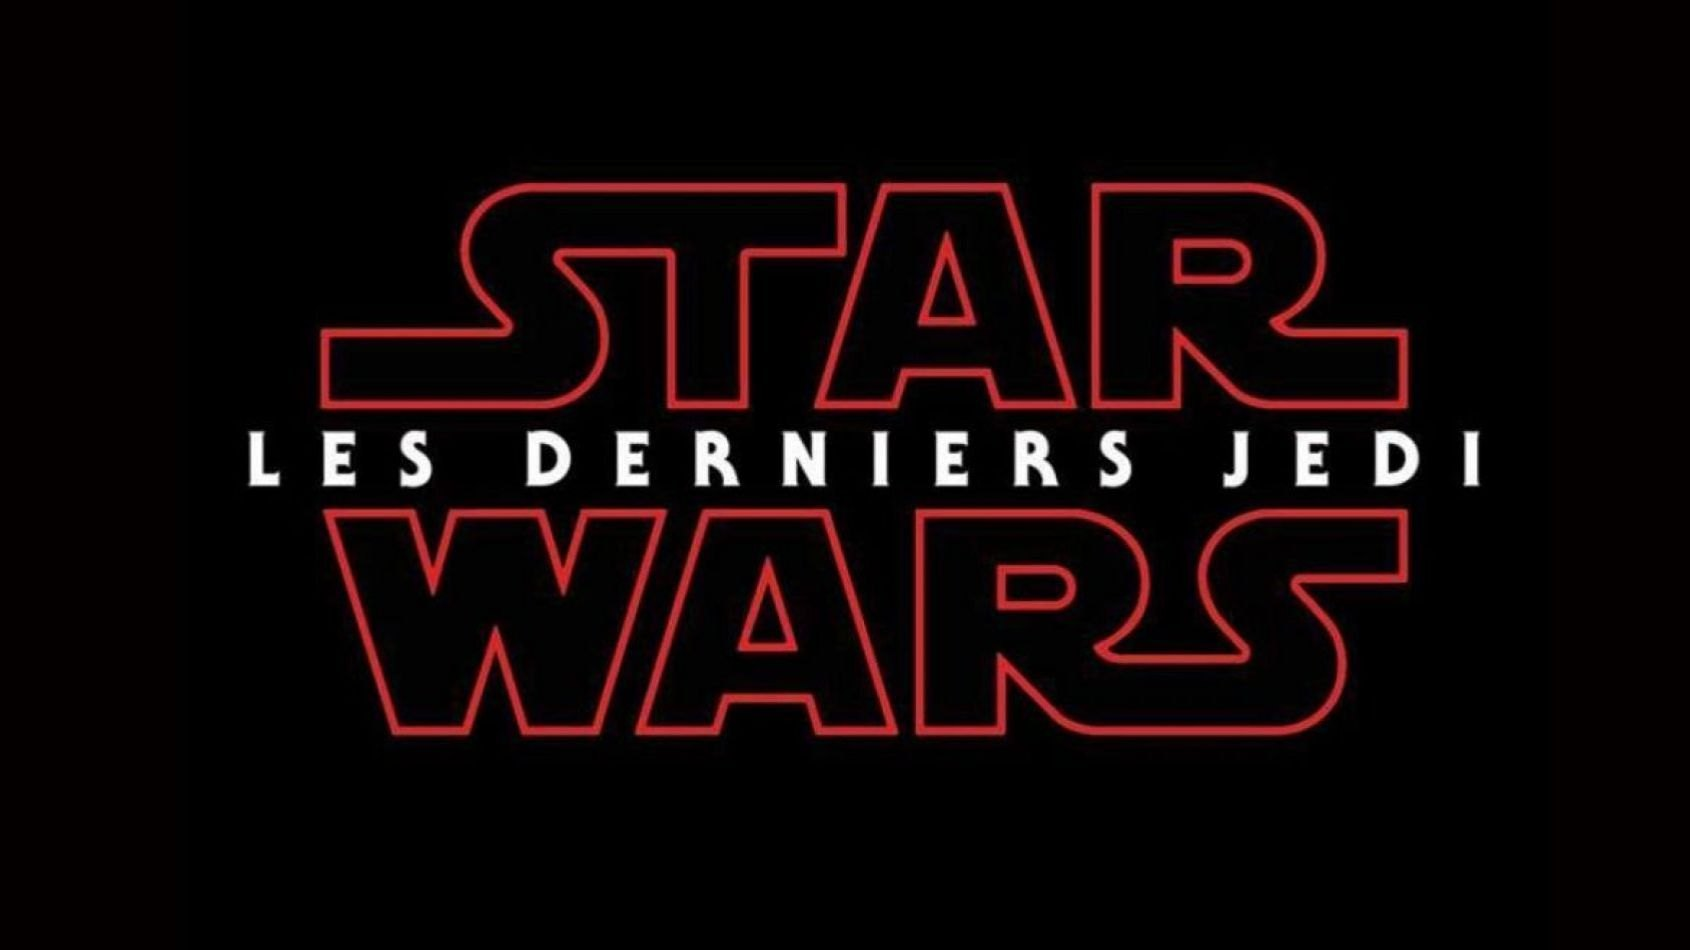 Des premiers détails sur la Bande Annonce des Derniers Jedi ?